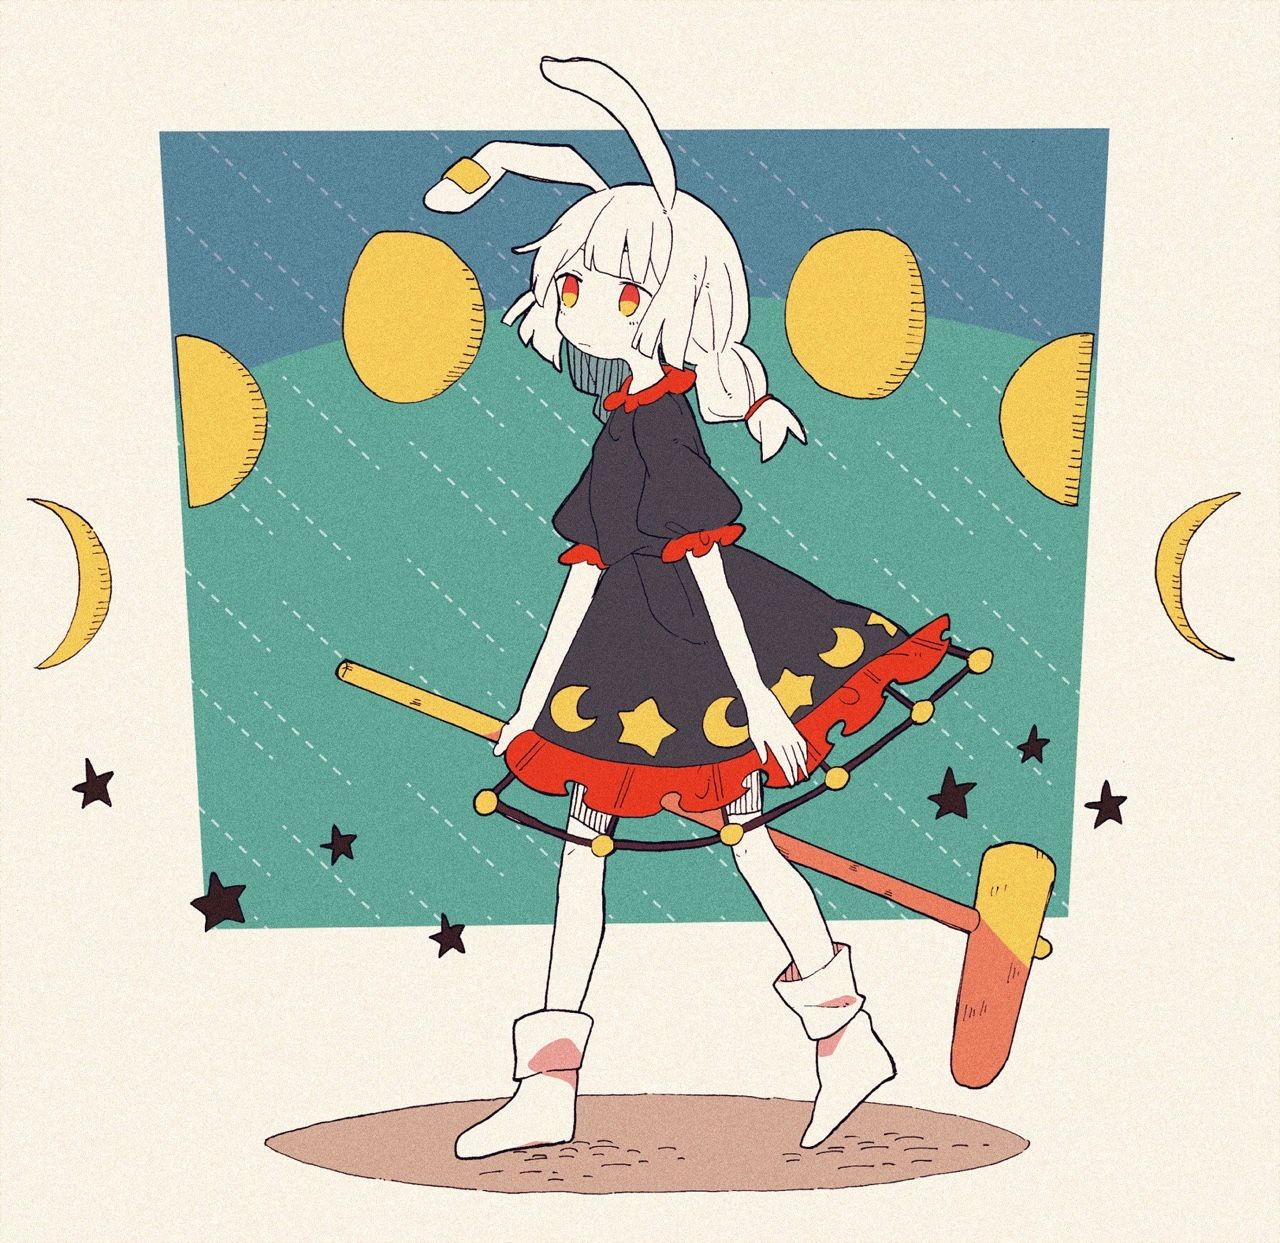 東方 image by Obake おばけ Aesthetic anime, Cute drawings